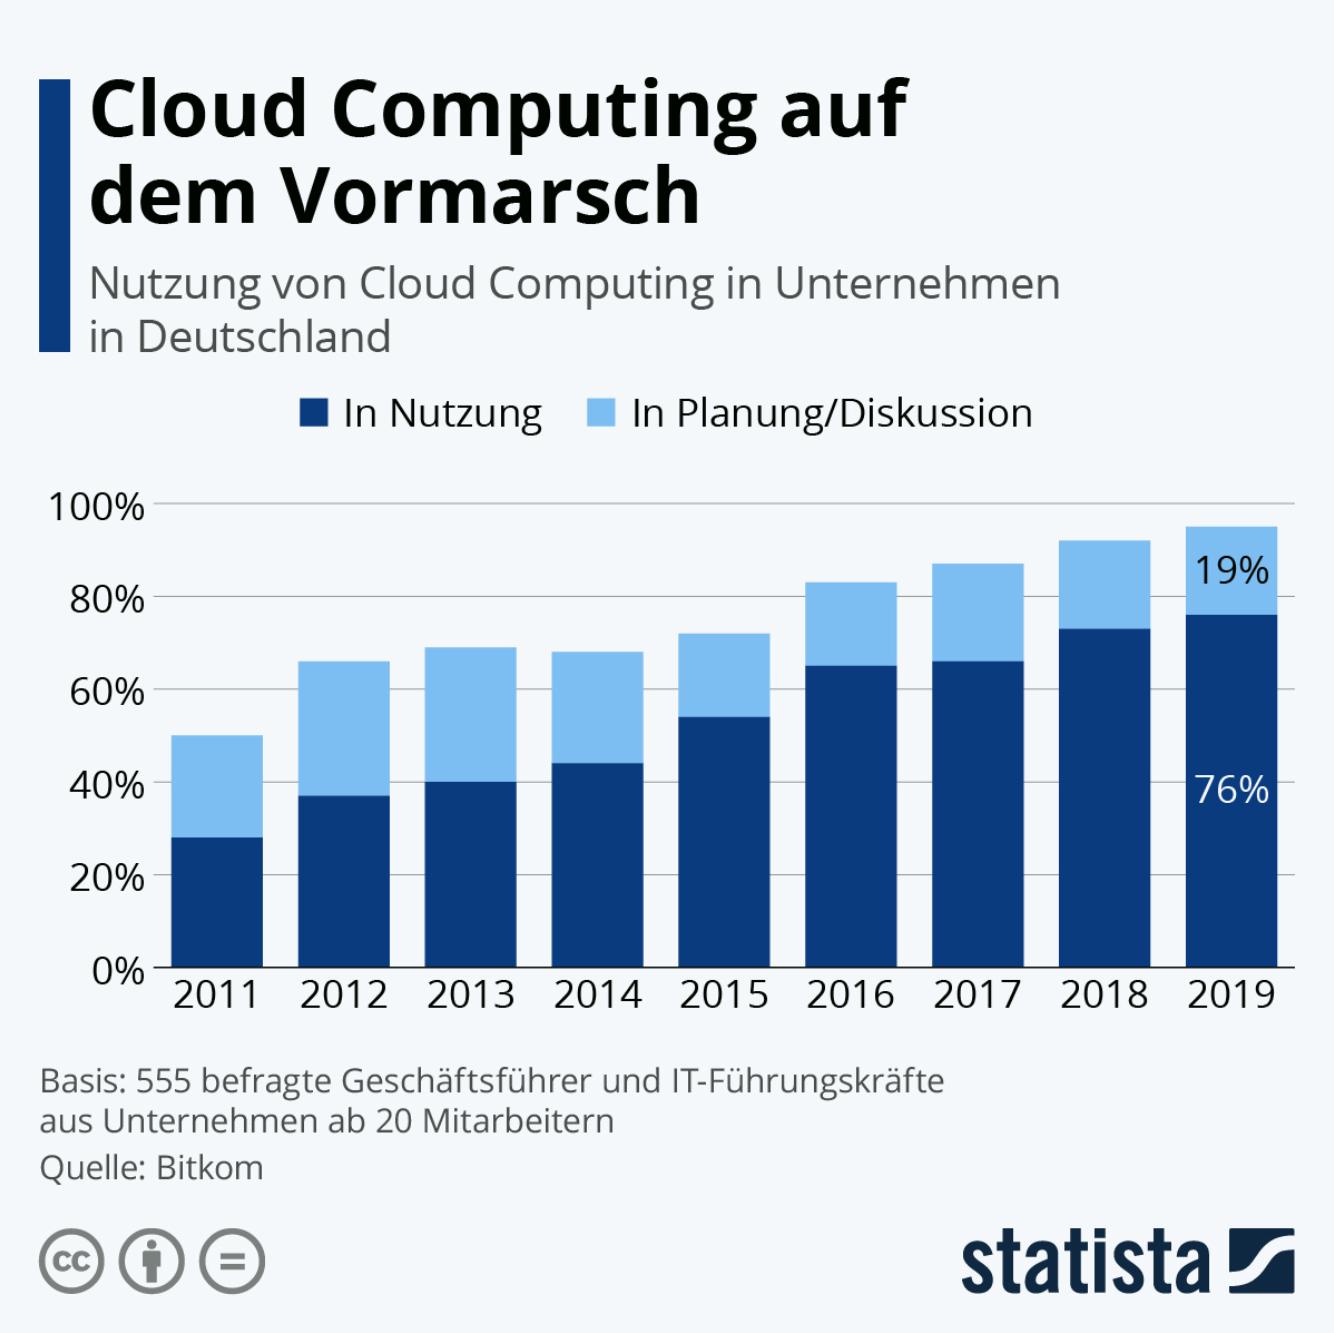 Bei fast allen befragten deutschen Unternehmen ist Cloud Computing bereits im Einsatz oder geplant.